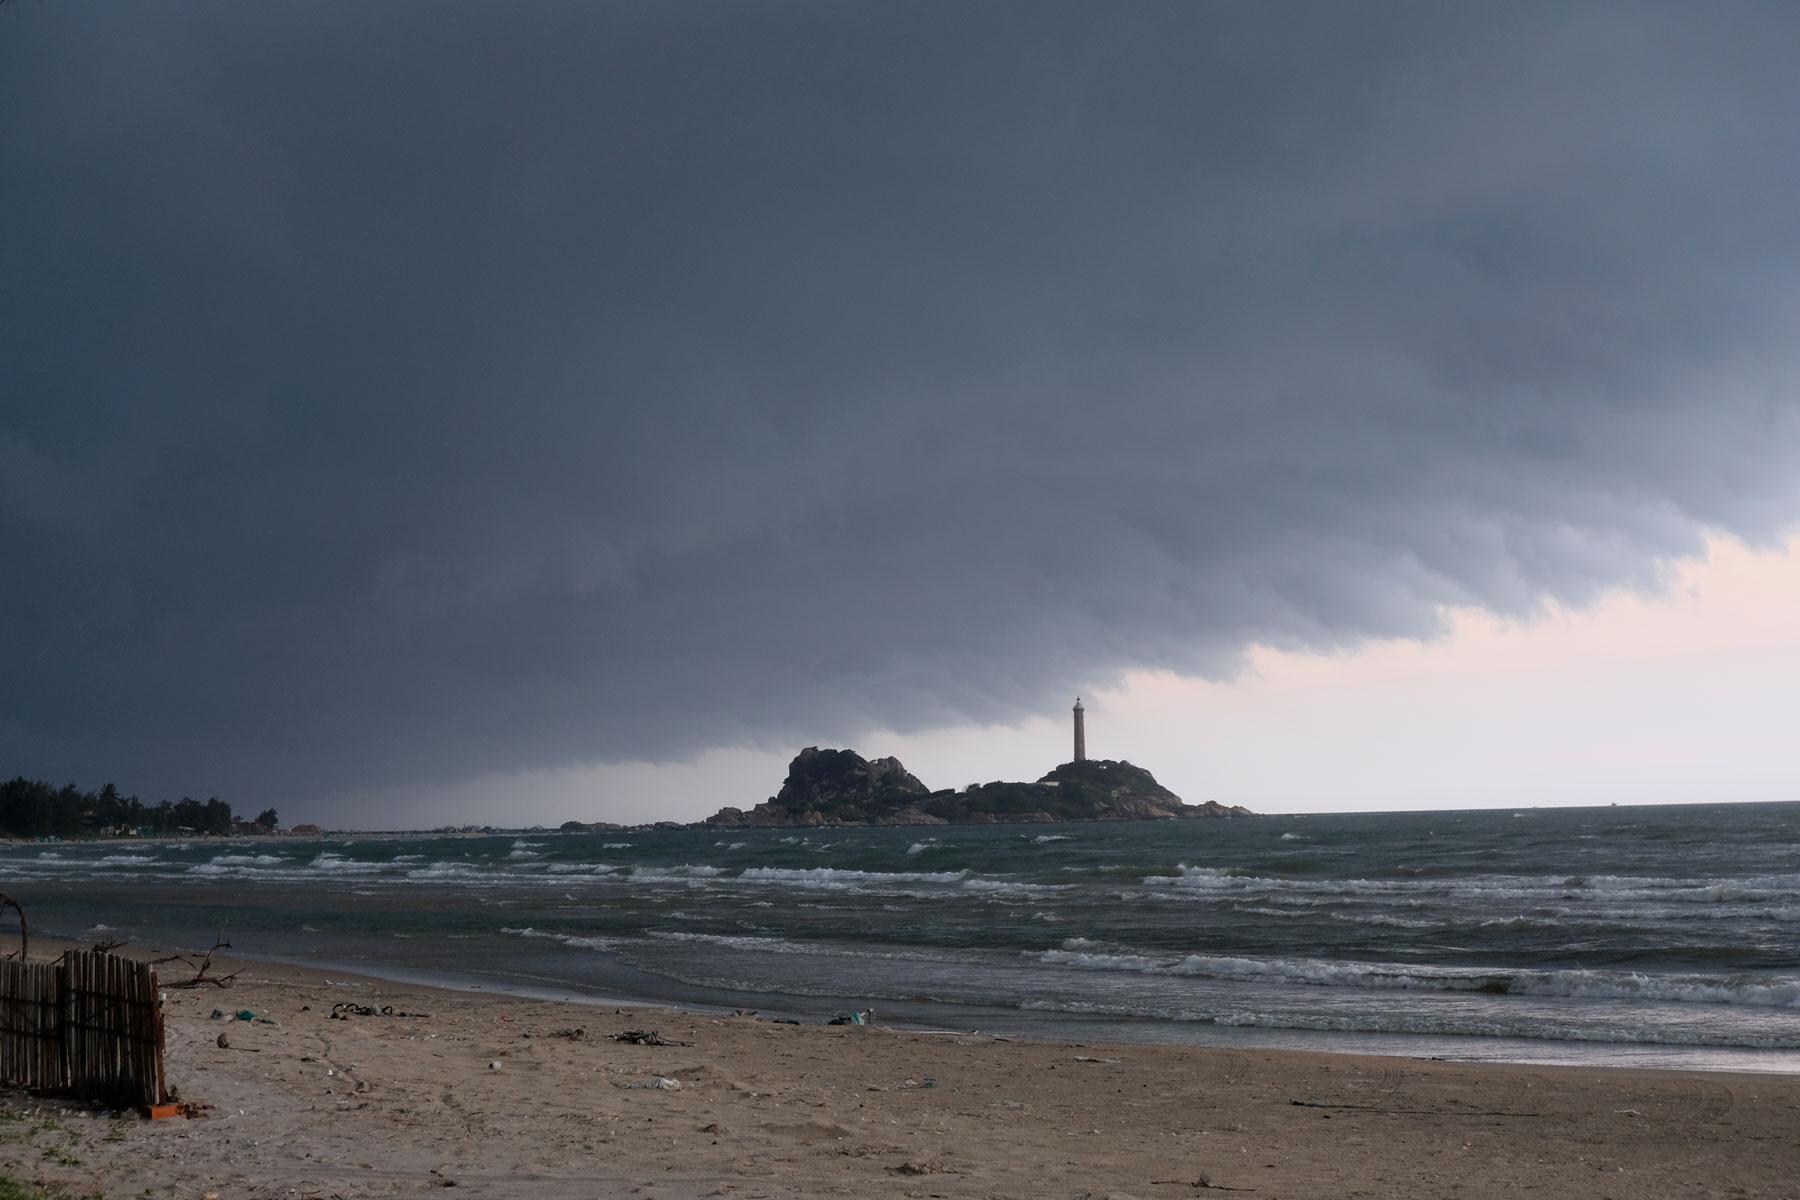 Dunkle Monsunwolken hängen über dem Leuchtturm von Văn Kê in Vietnam.